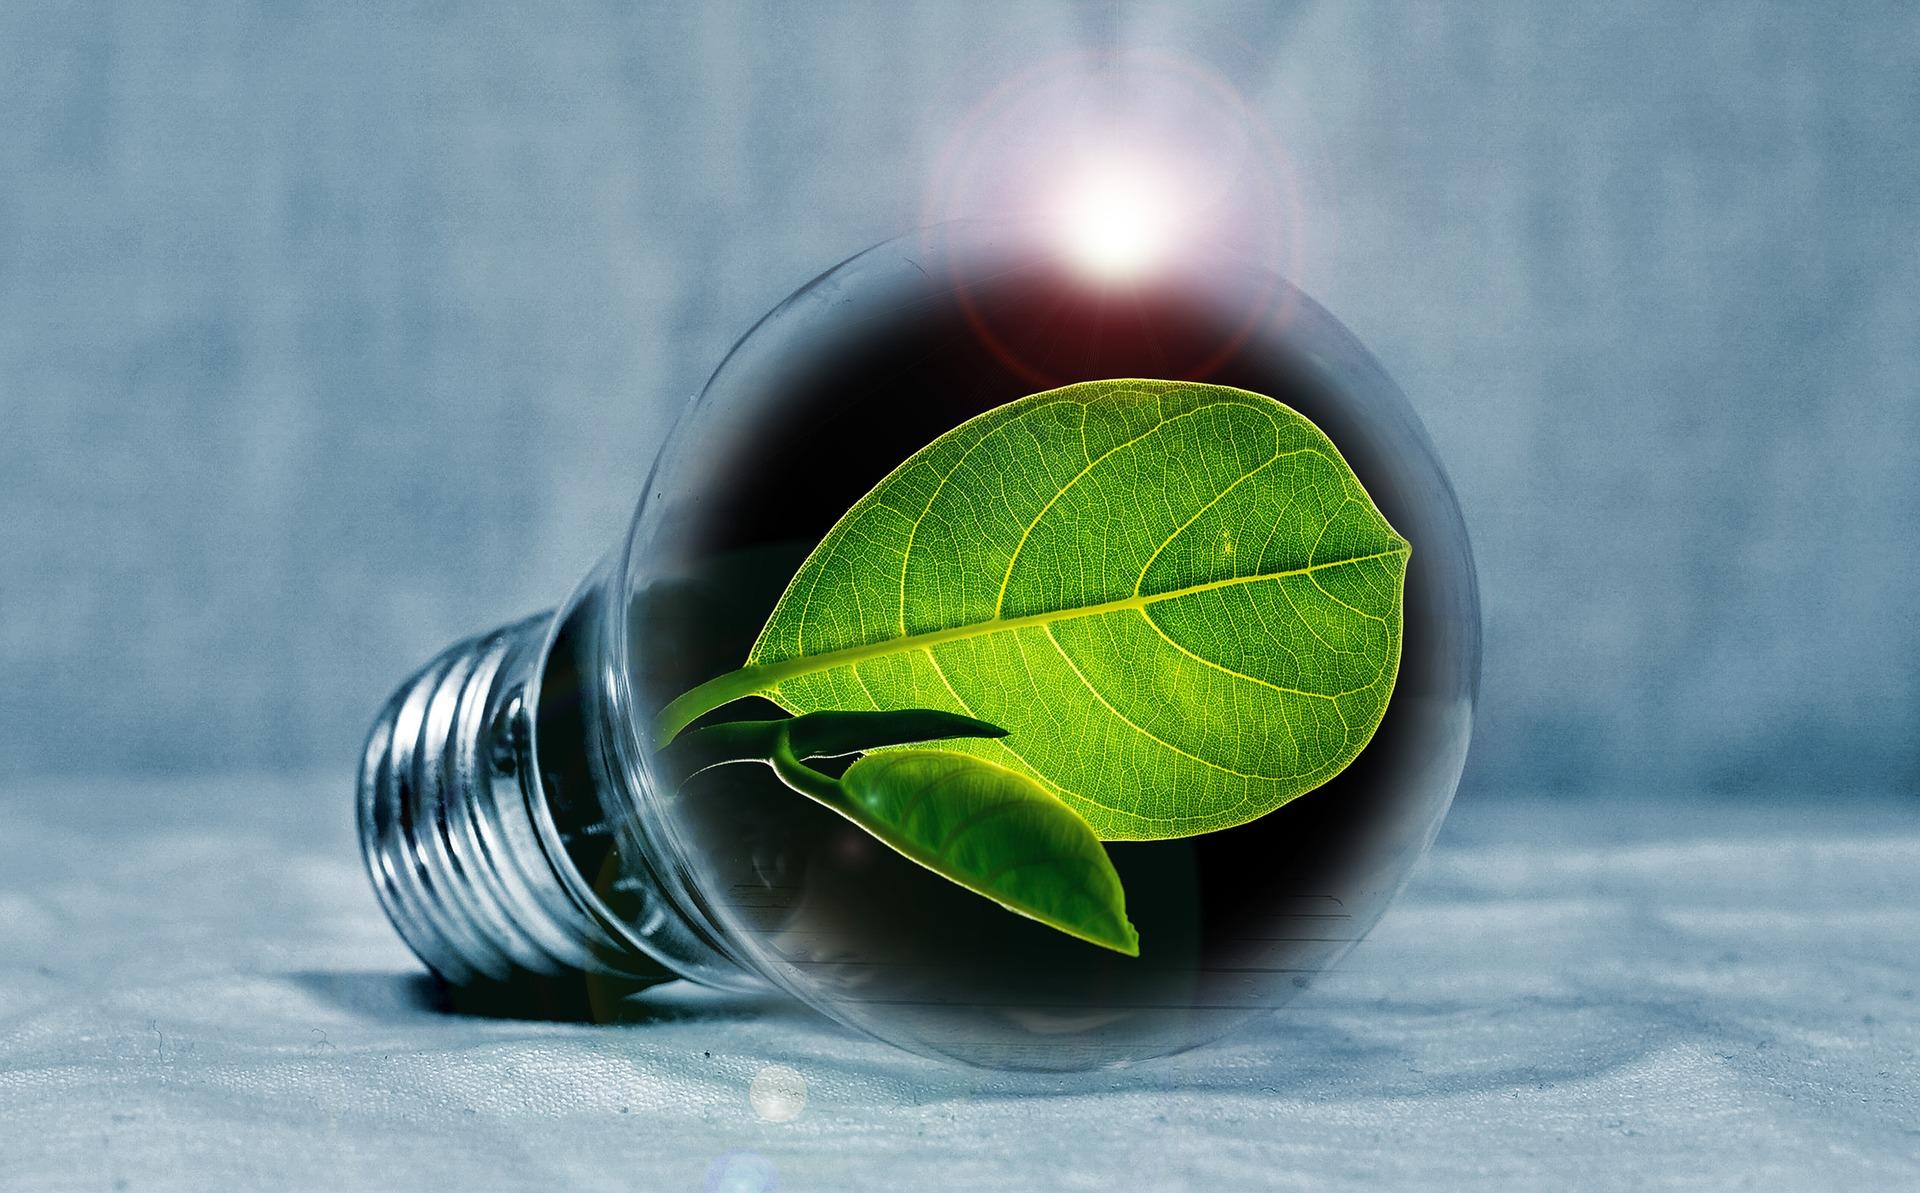 Introduction to Toward Zero Carbon